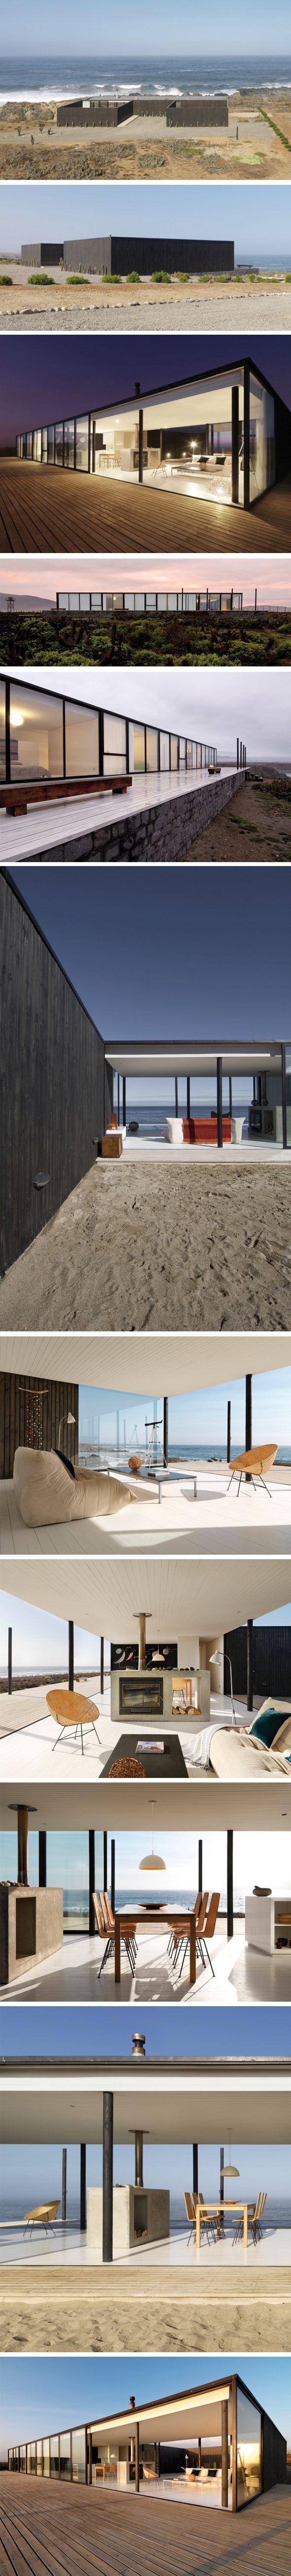 Casa W by 01ARQ, Chile. Beach house